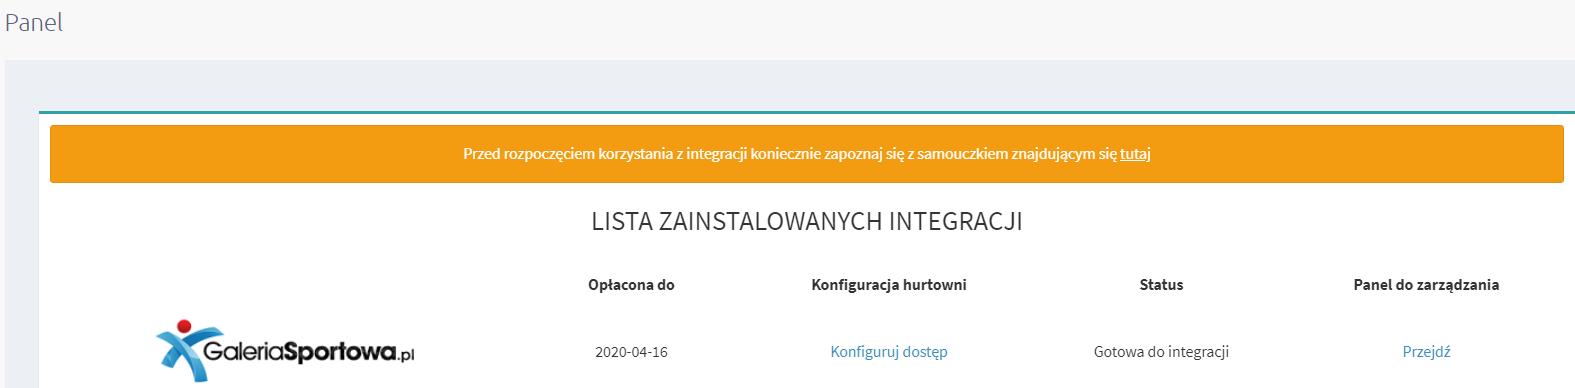 Konfiguracja aplikacji eSklep - lista zainstalowanych integracji